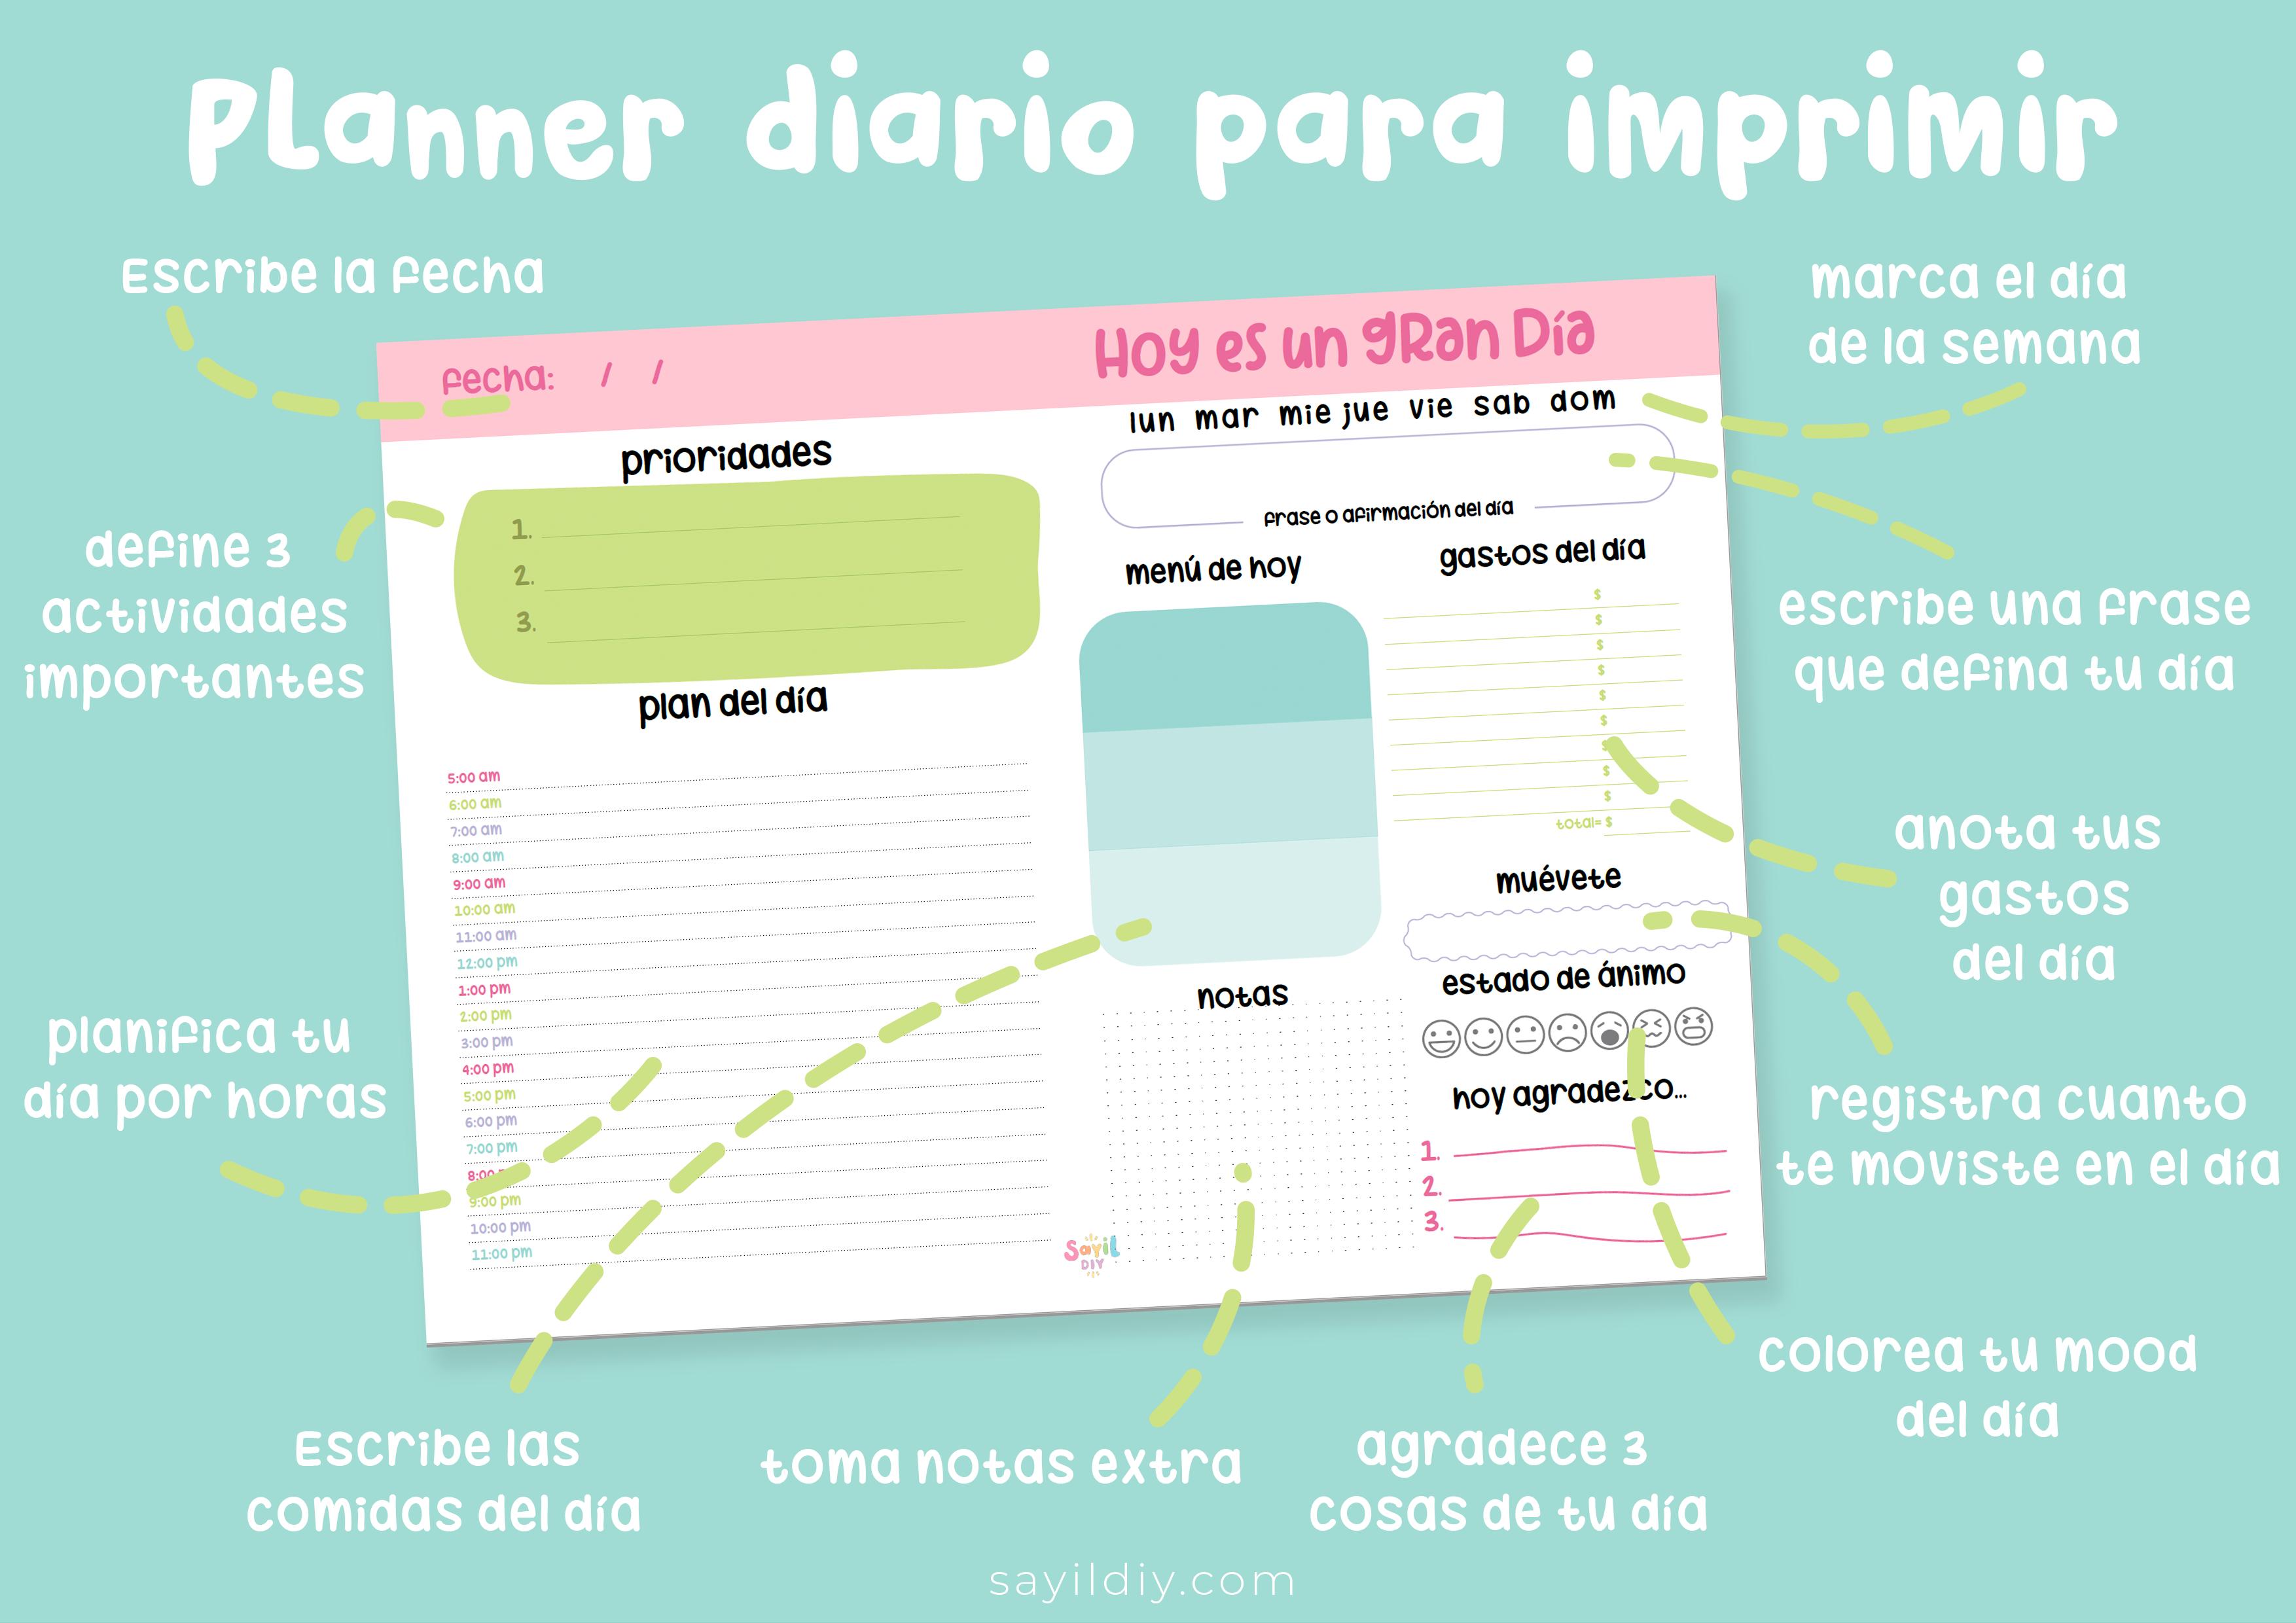 planner diario